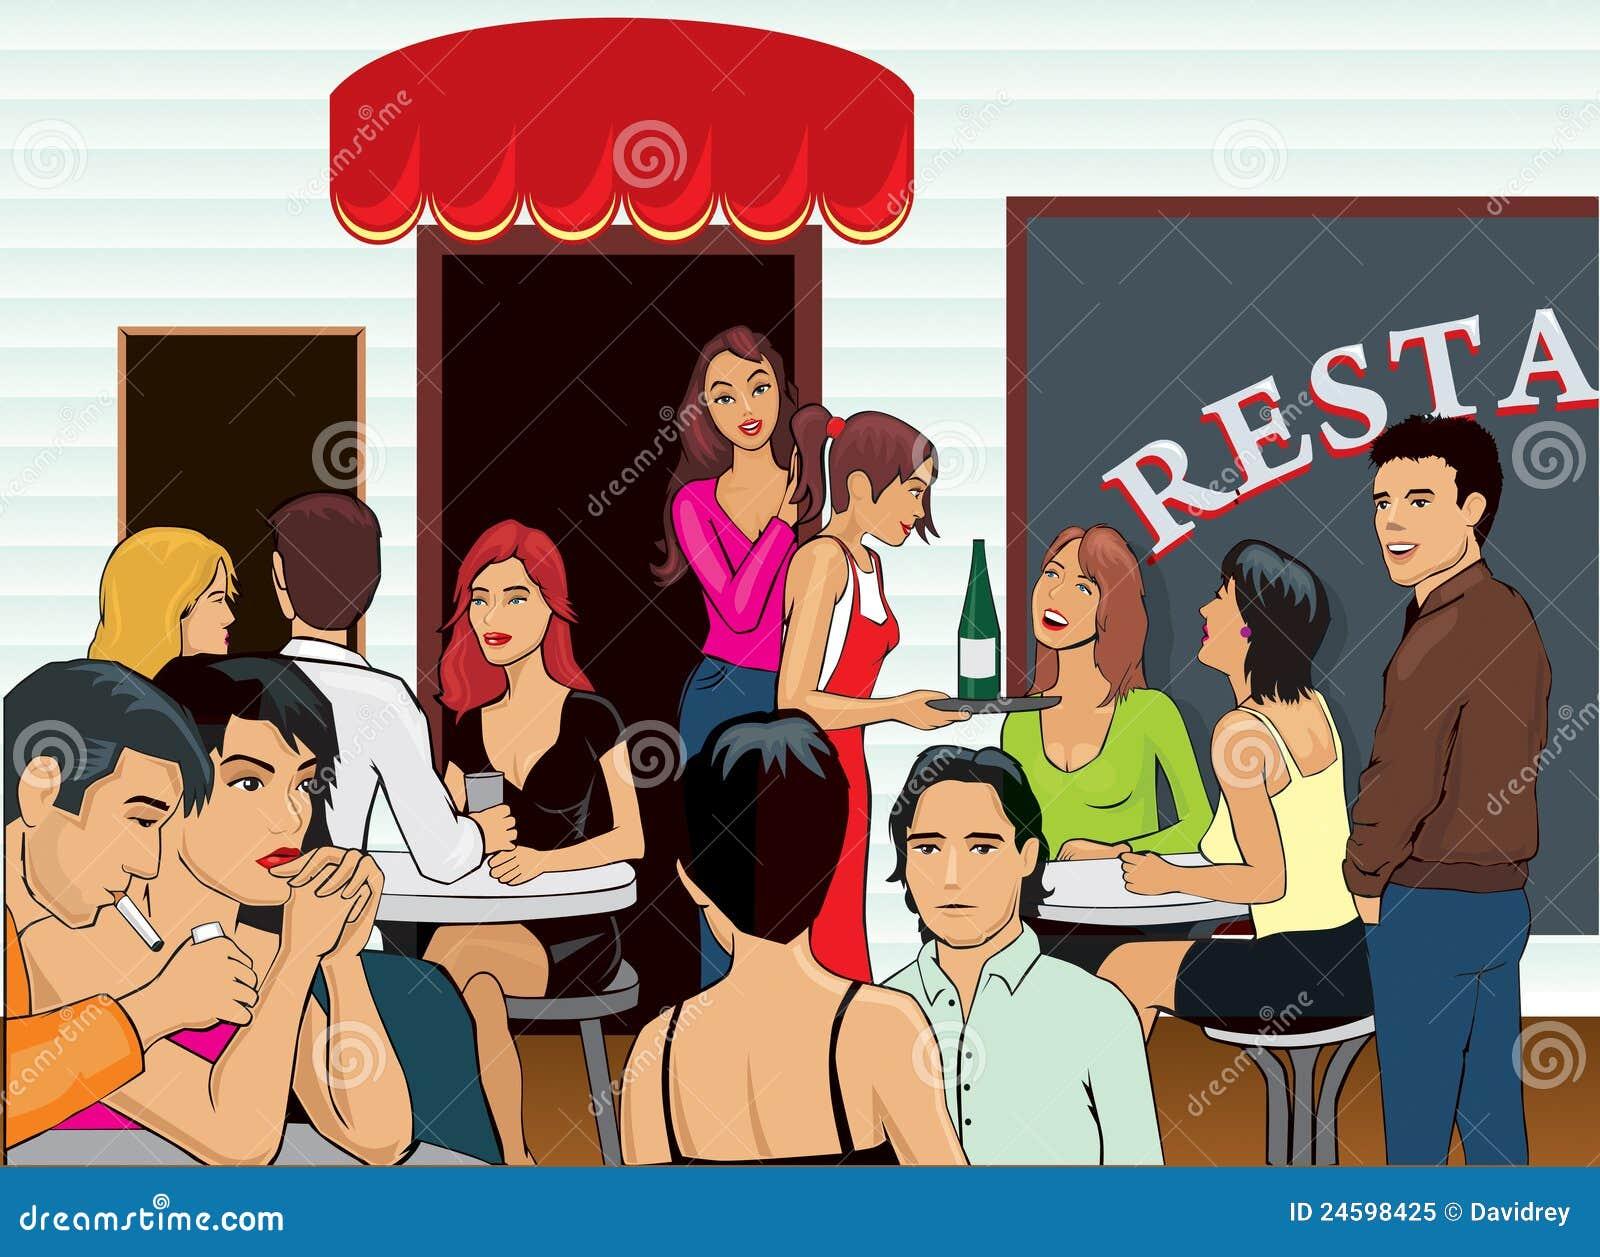 Ilustrau00e7u00e3o baseada em um desenho da mu00e3o de um grupo ou de um pessoa ...